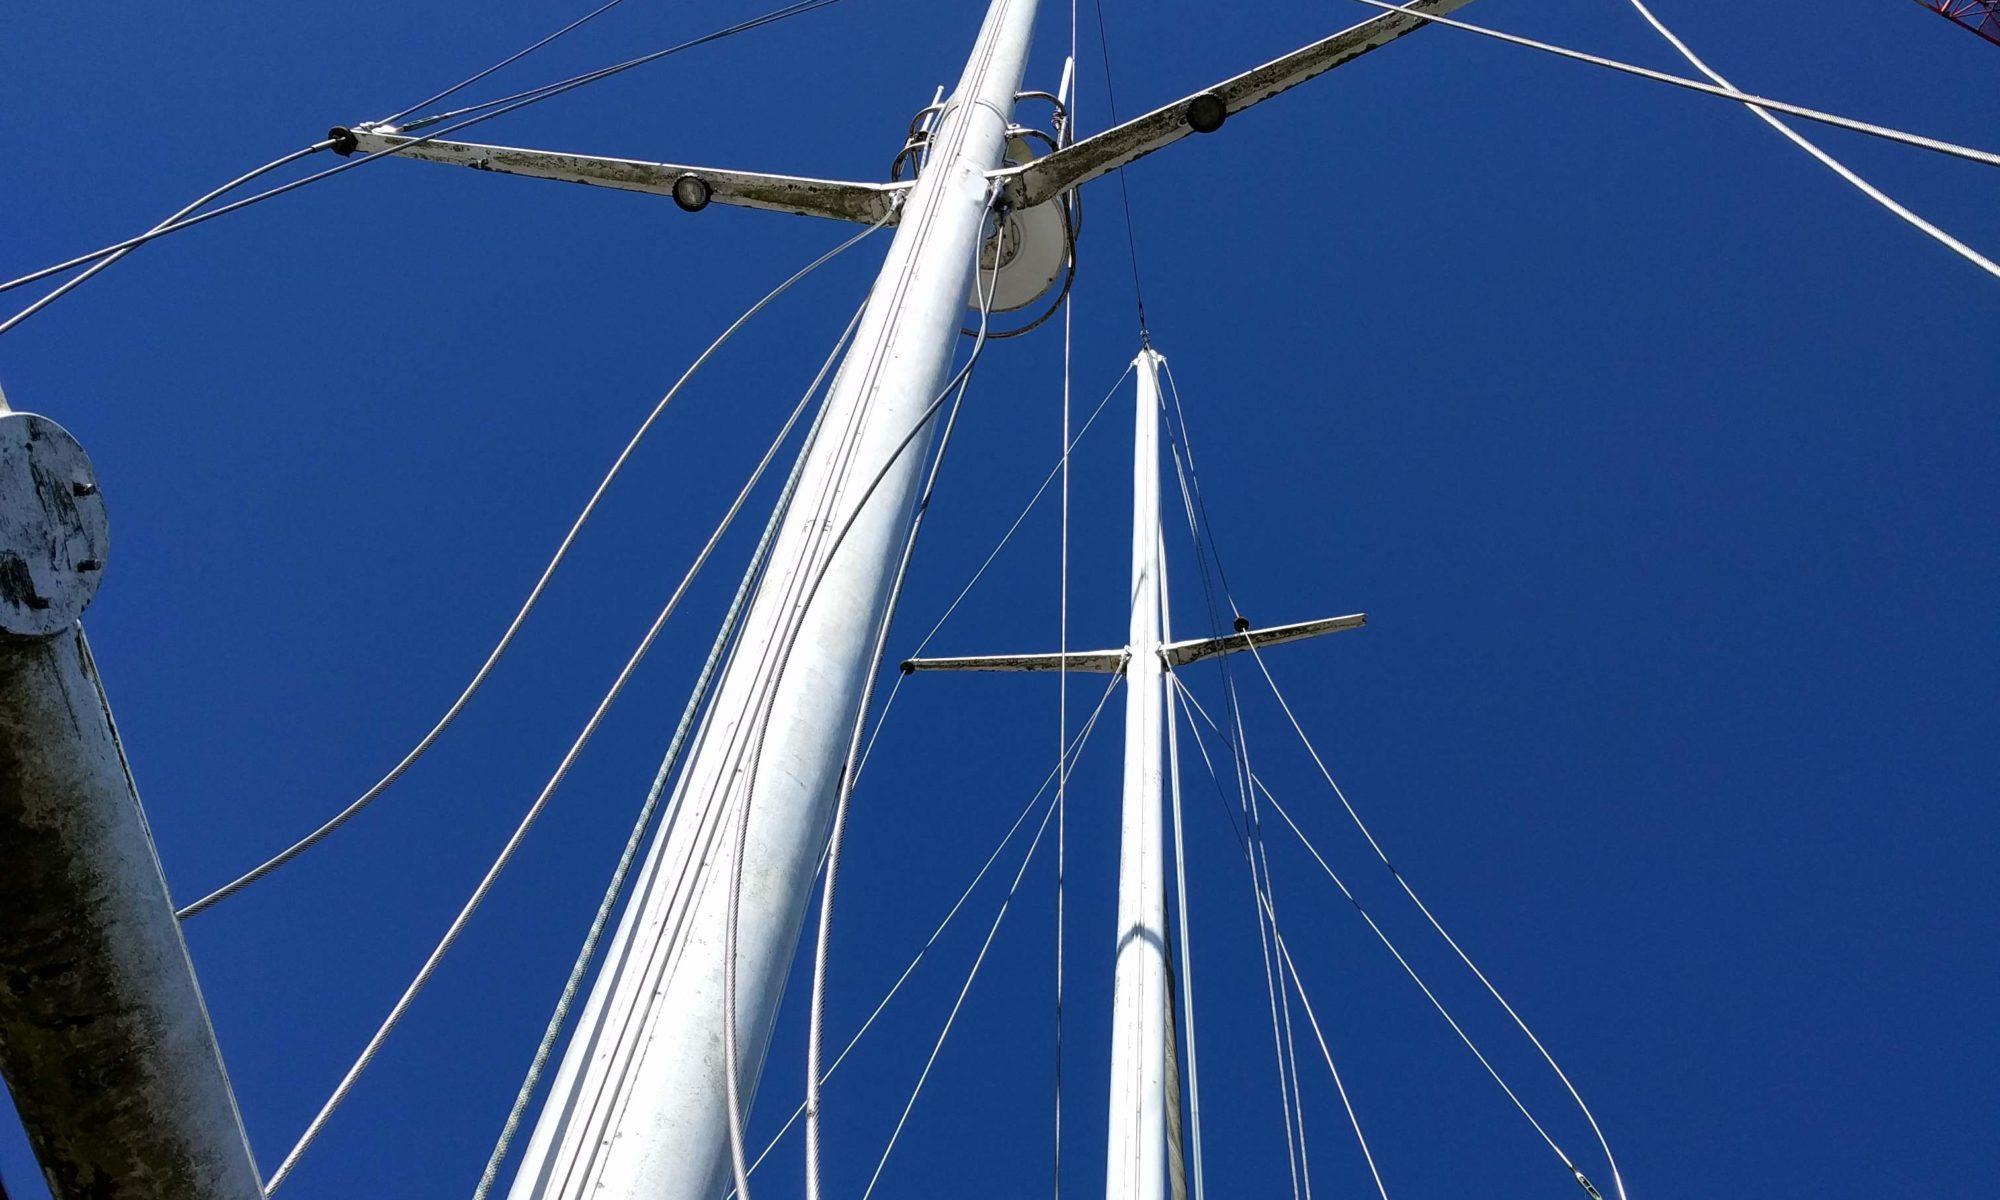 Baltic zeilschip zeilen refit SeaWind Adventures